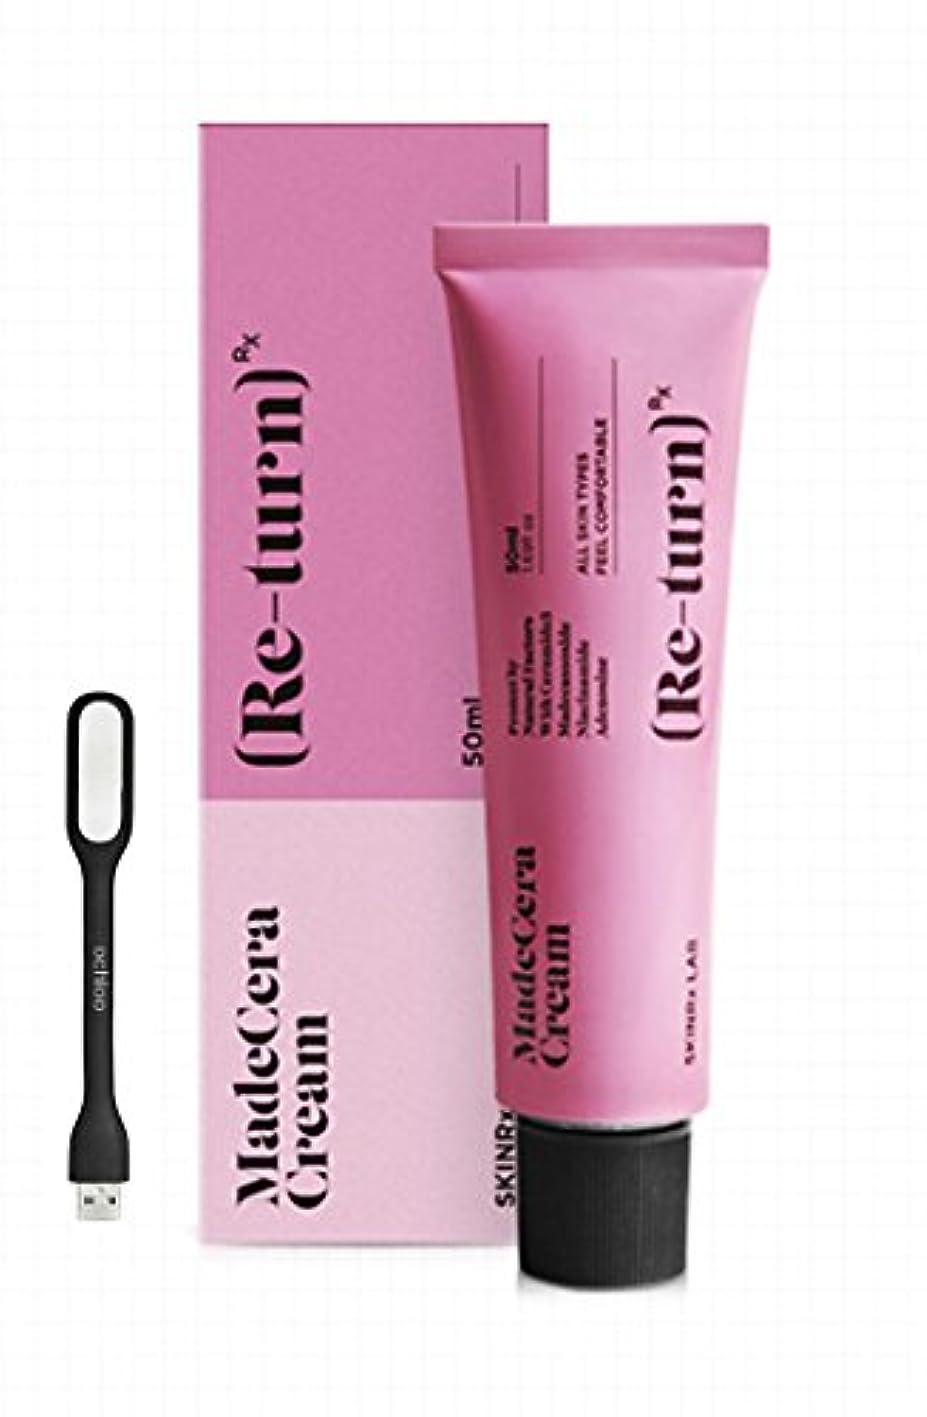 鉛童謡女性スキンアルエクスラップ マデセラ リターン クリーム 50ml / SKINRxLAB MadeCera Re-turn Cream 50ml (1.69oz) Made in Korea Ochloo logo led